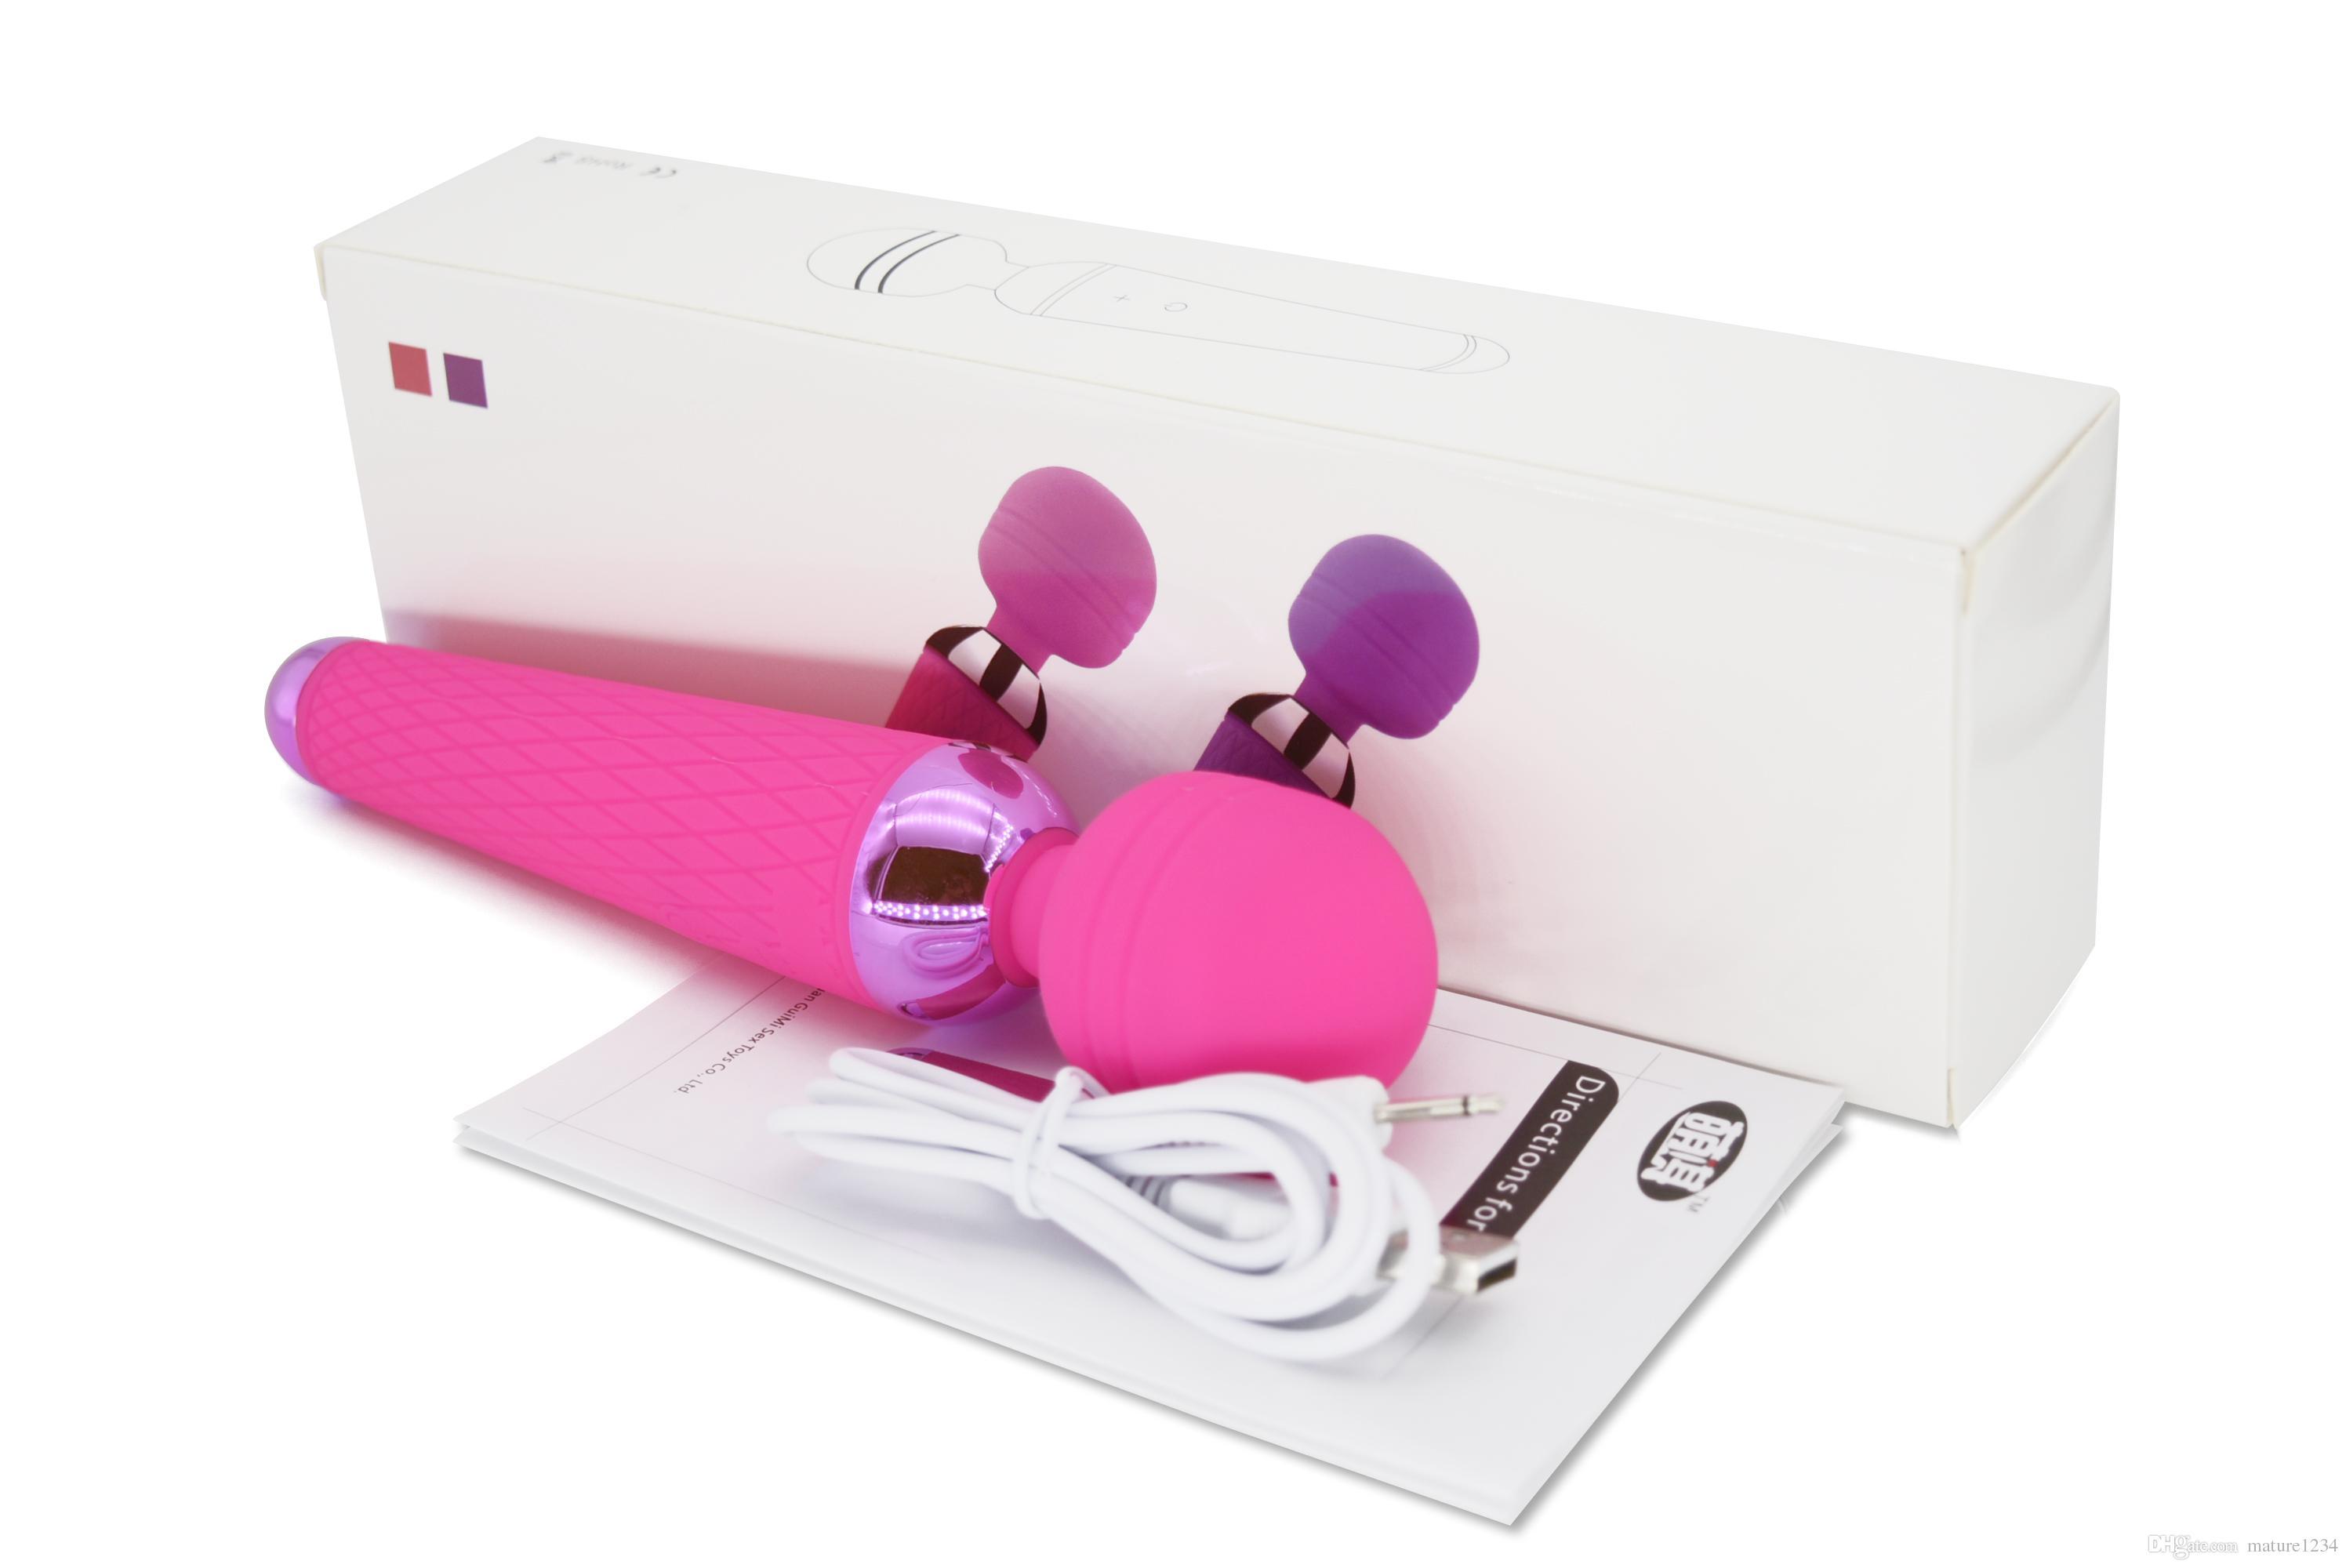 New 2021 Взрослый G-Spot Вибраторы Оральная Женщина 10 Скорость USB Перезаряжаемый AV Для Игрушки Для Волшебных Клитов Секс Палочка Вибратор Женщины Массажер Axiit